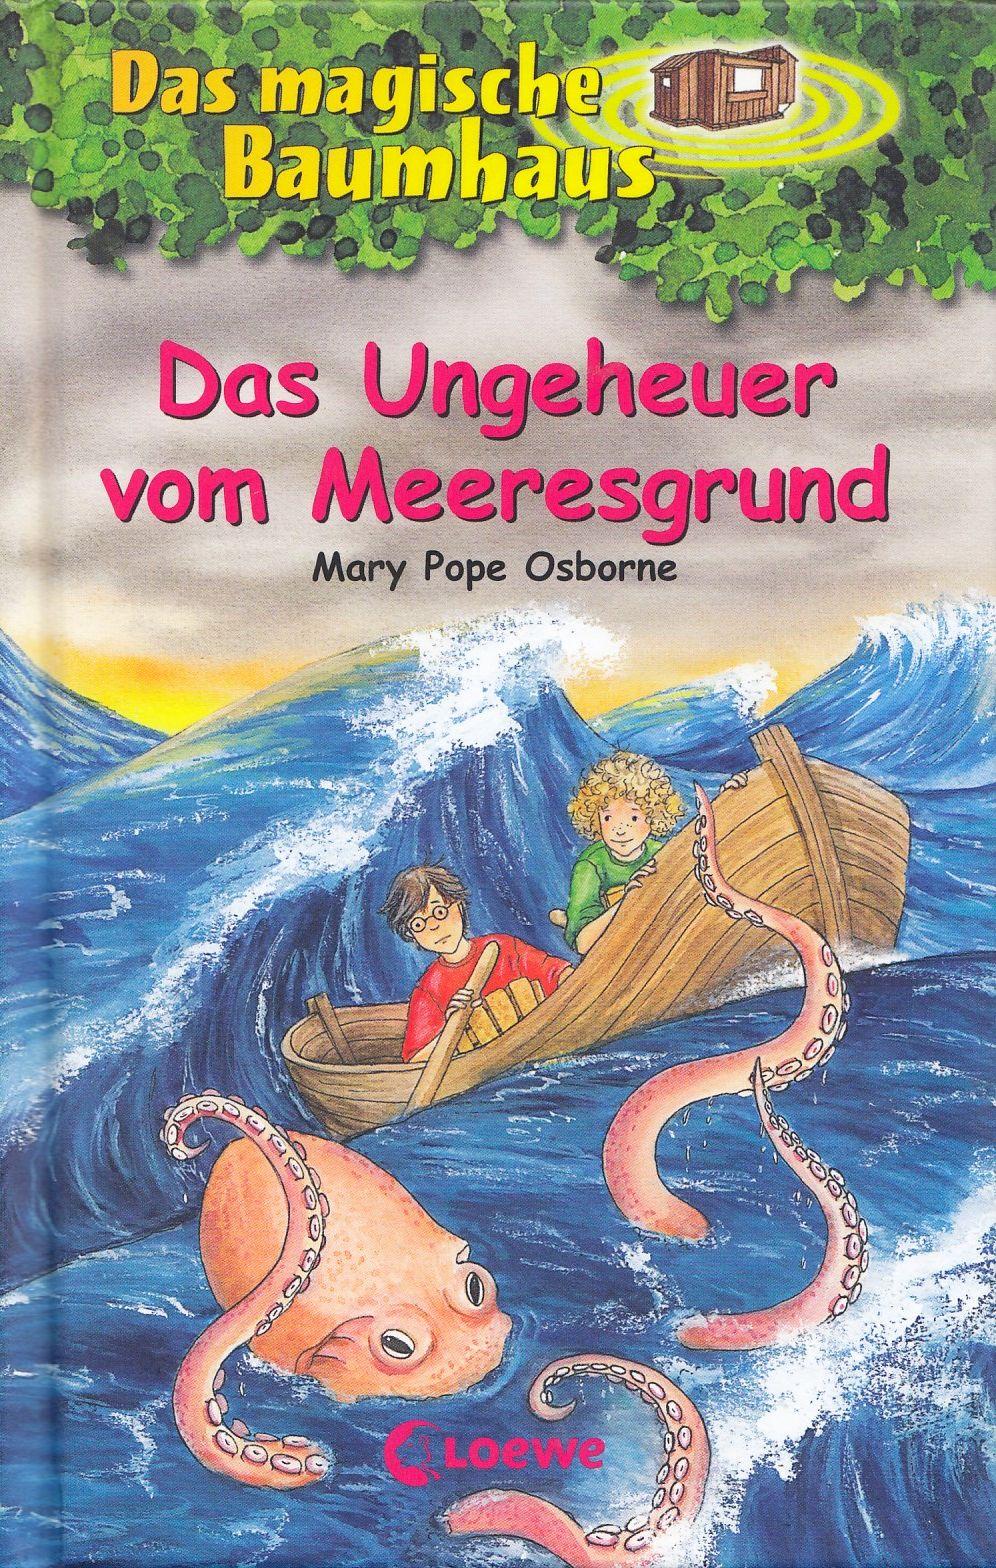 Das magische Baumhaus: Band 37 - Das Ungeheuer vom Meeresgrund - Mary Pope Osborne [Gebundene Ausgabe]